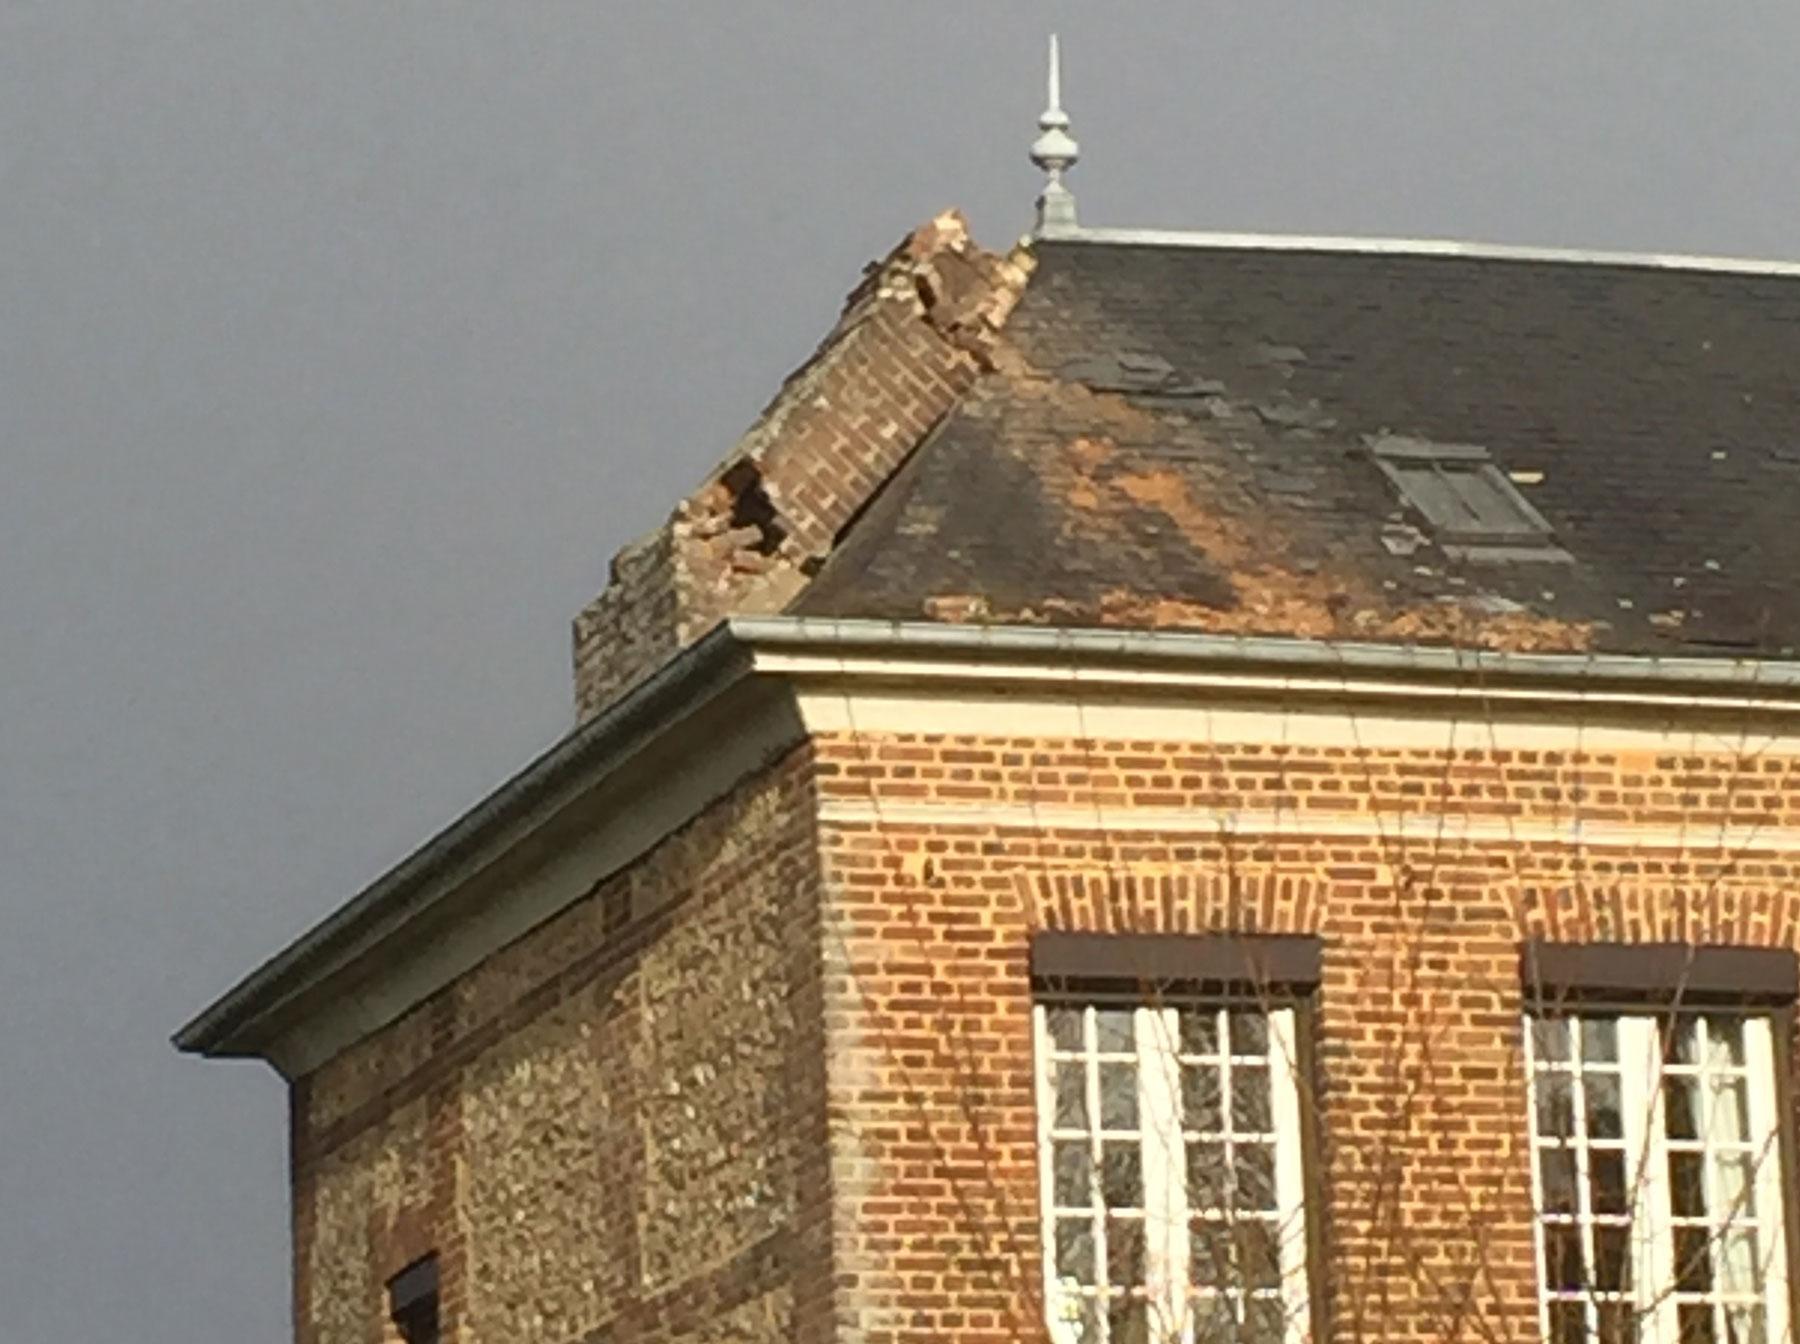 La souche de cheminée s'est brisée contre le toit